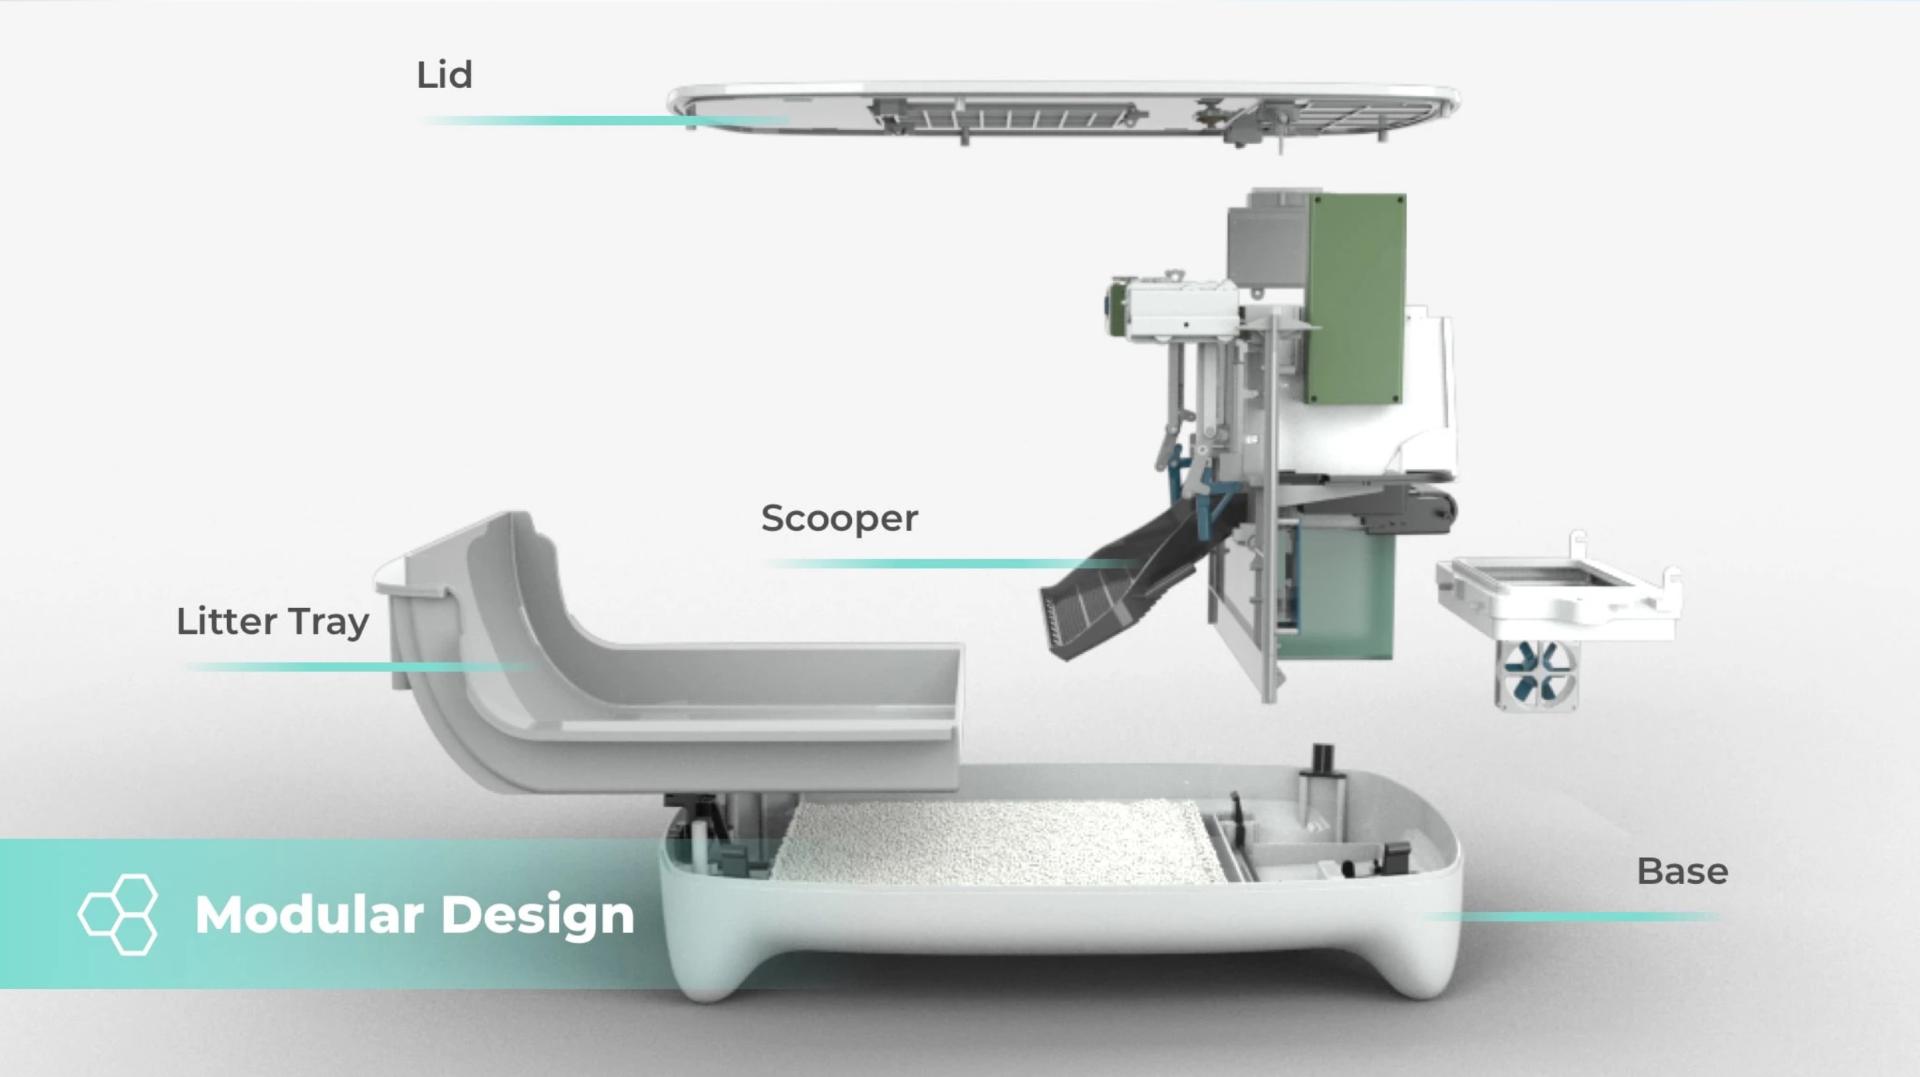 Funkcja samoczyszczenia możliwa jest dzięki modułowej budowie urządzenia